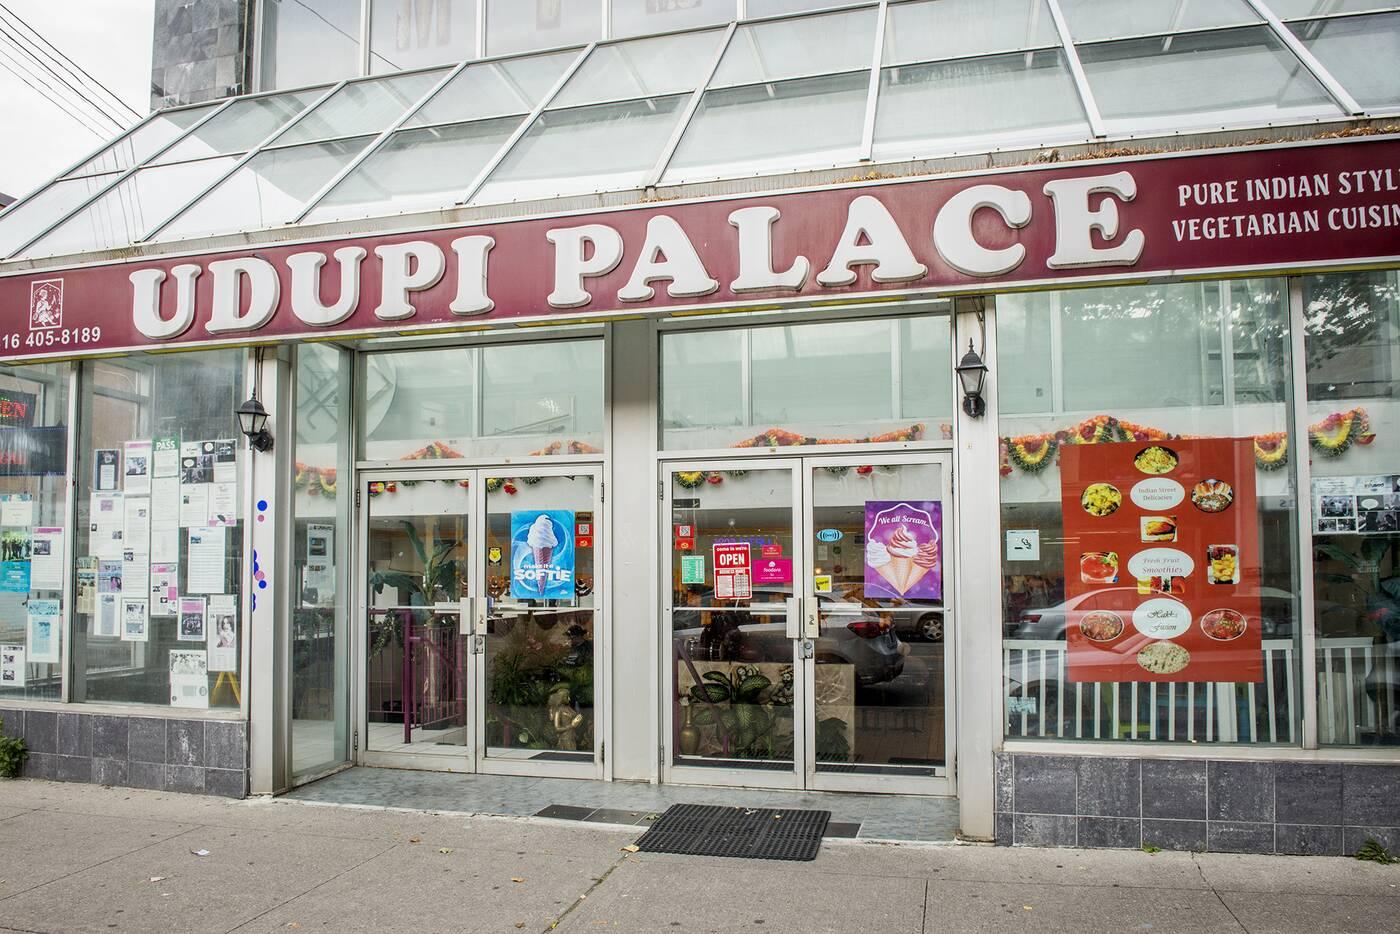 Udupi Palace Toronto